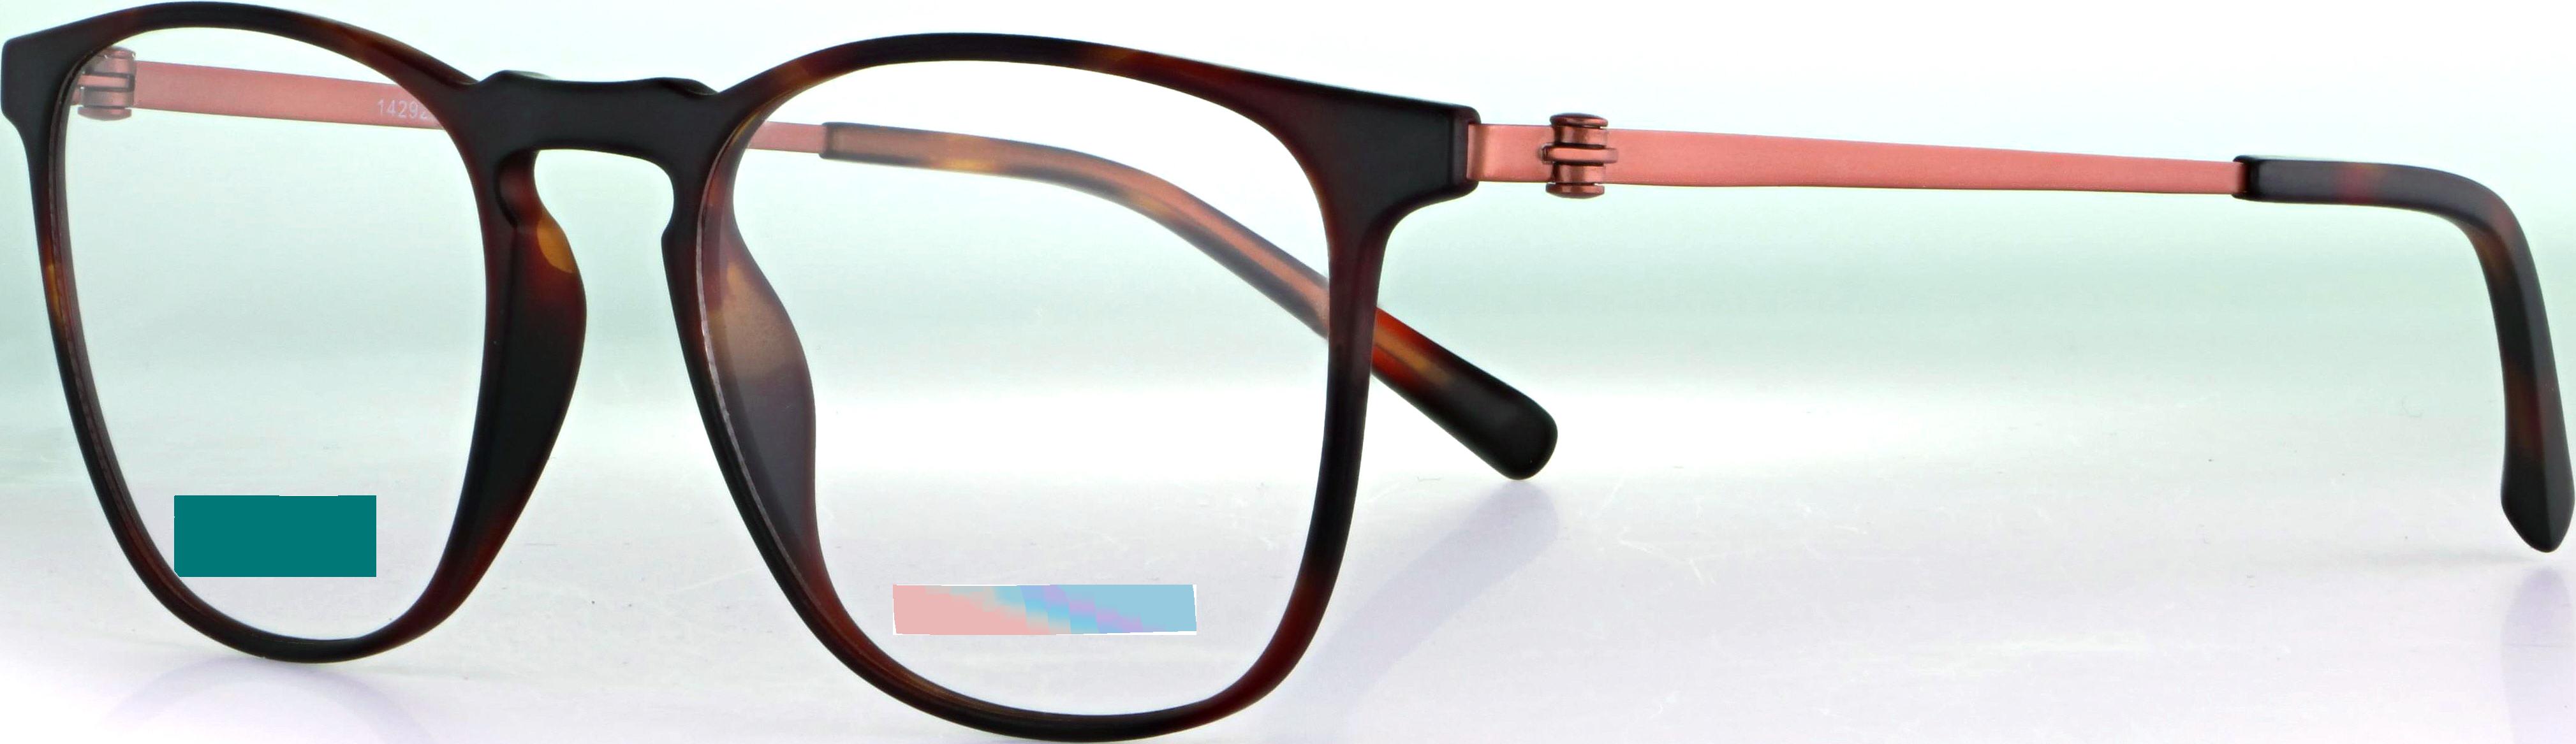 Titanbrille 142922